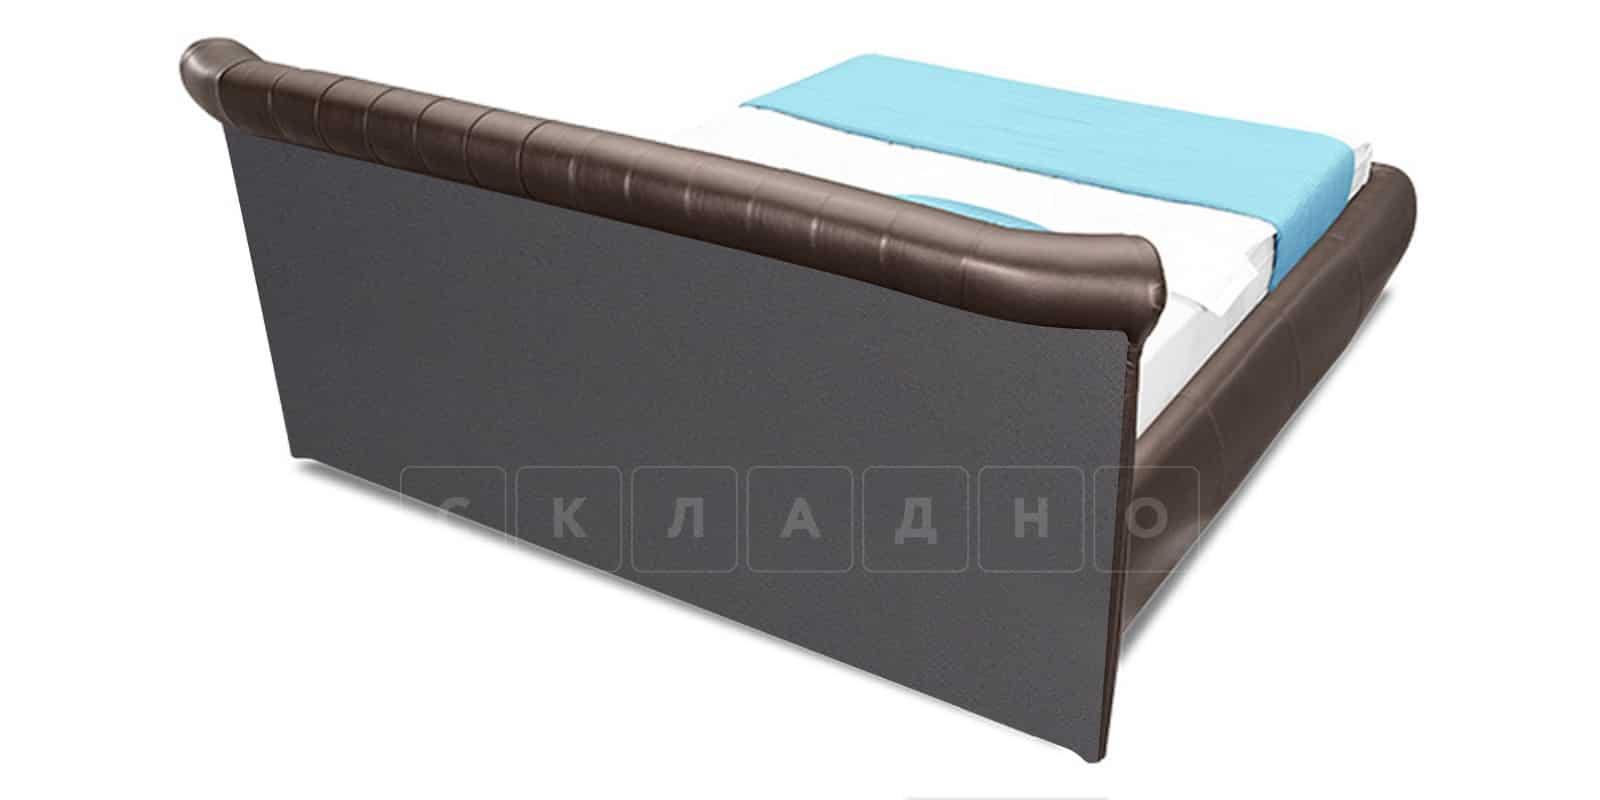 Мягкая кровать Вирджиния 160см экокожа шоколадного цвета фото 3   интернет-магазин Складно